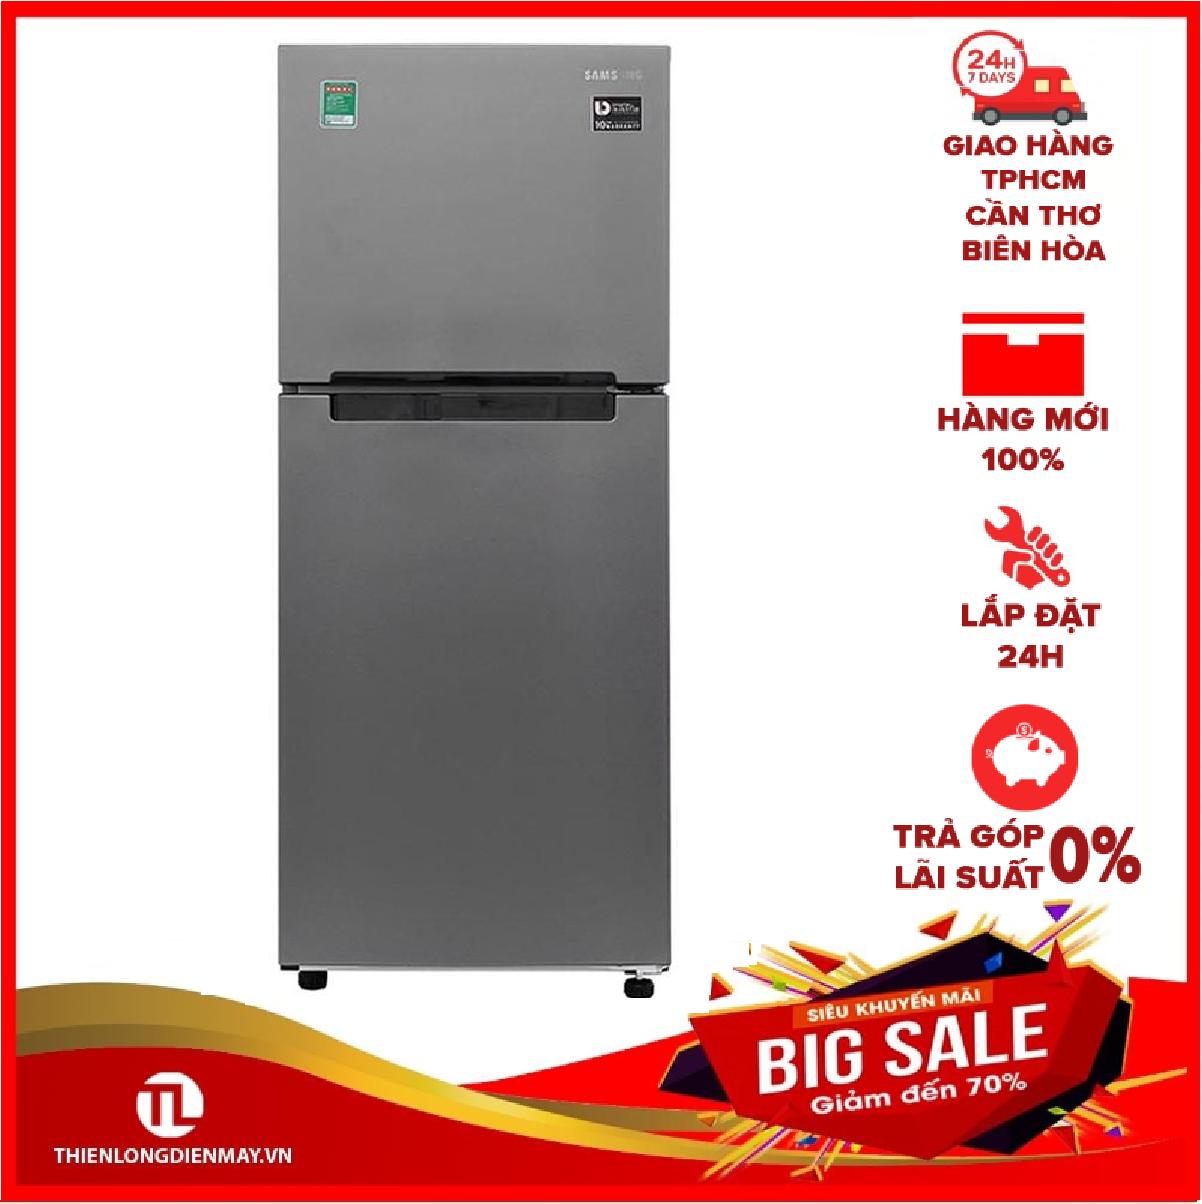 TRẢ GÓP 0% - Tủ lạnh Samsung Inverter 208 lít RT19M300BGS/SV - Bảo hành 2 năm